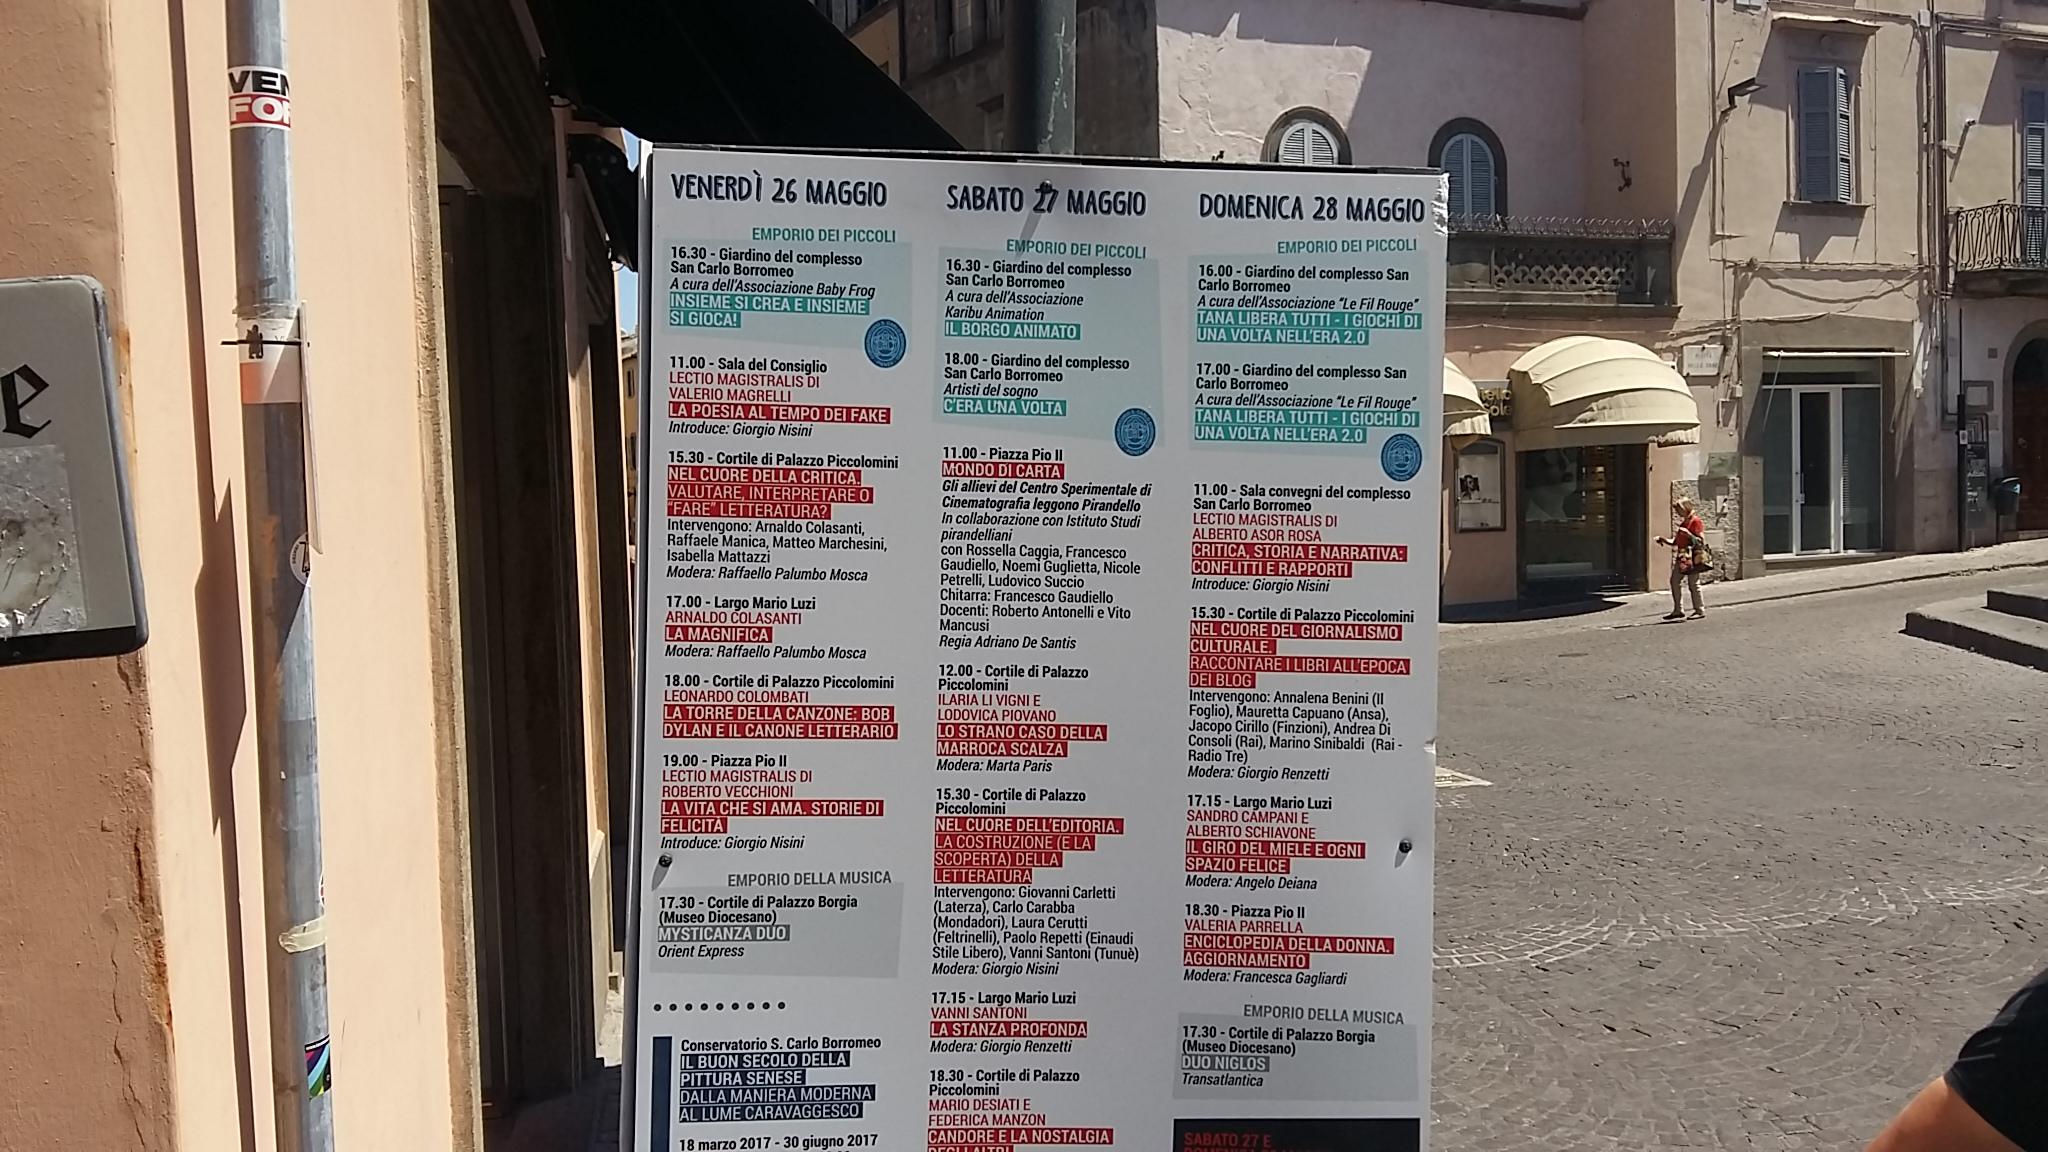 Caffeina, il primo festival retroattivo, che guarda al passato: parte l'edizione di Viterbo, ma escono i manifesti di Pienza (maggio  2017)